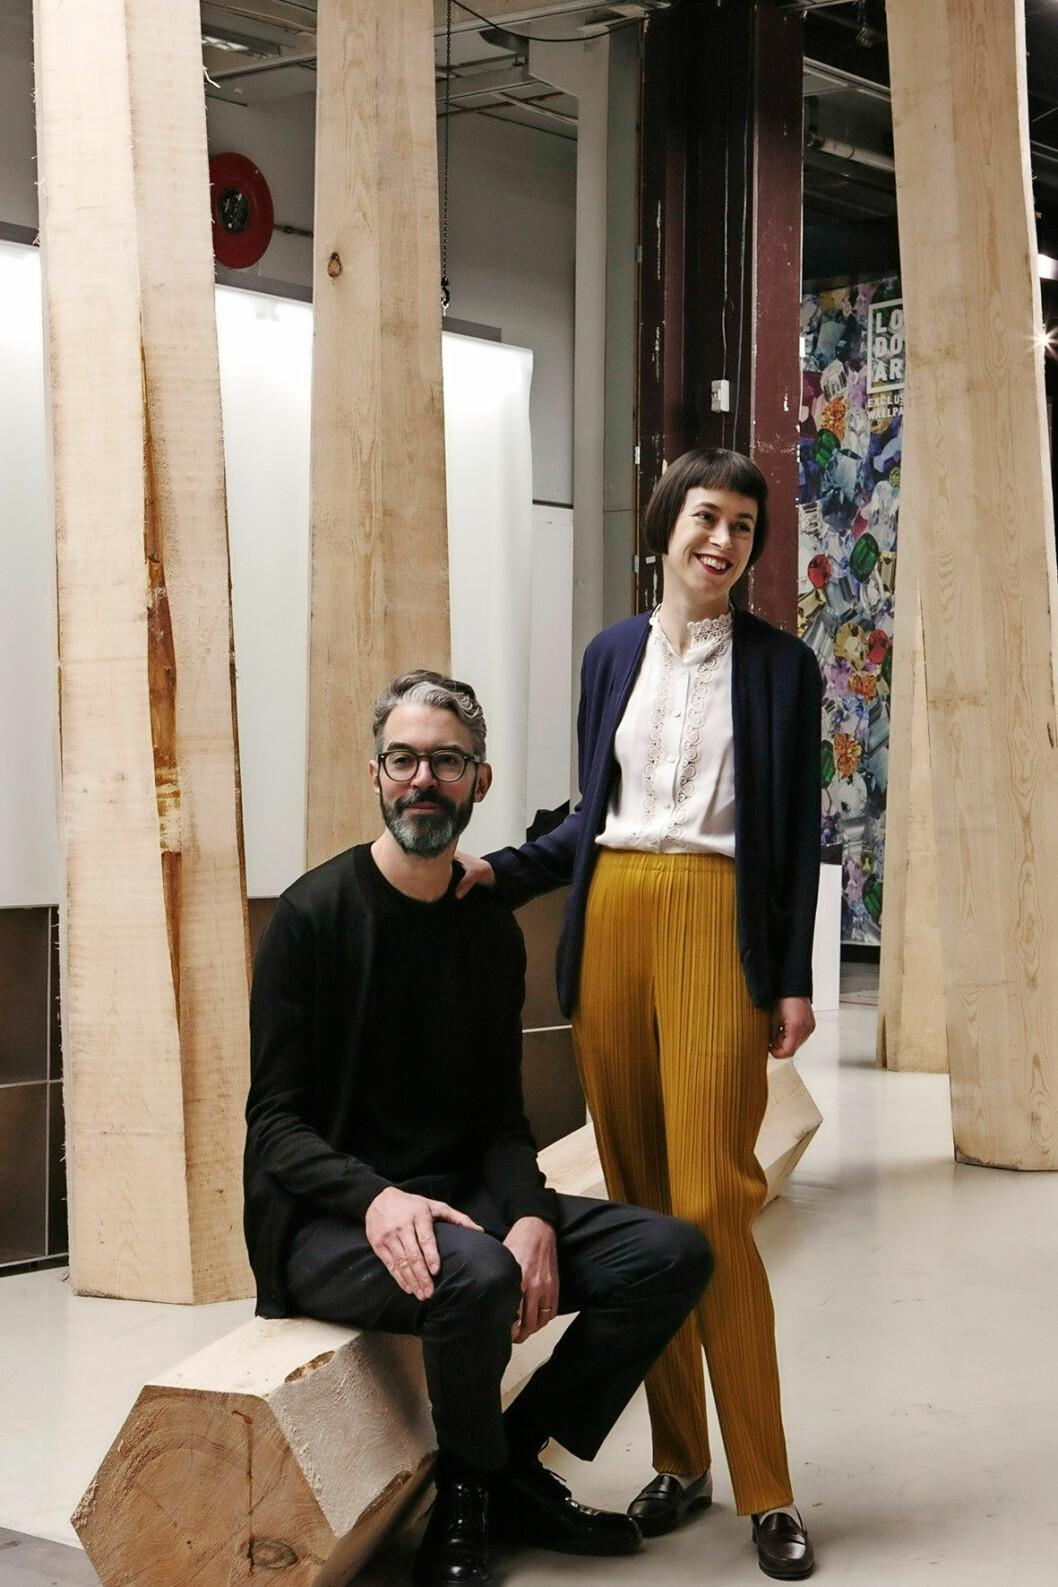 Ruxandra och Christian Halleröd i sin trendsutställning på Stockholm Furniture Fair 2018. Trä är ett favoritmaterial och i utställningen var det furu som var i fokus. En viktig samarbets-partner till utställningen var Svenskt Trä.